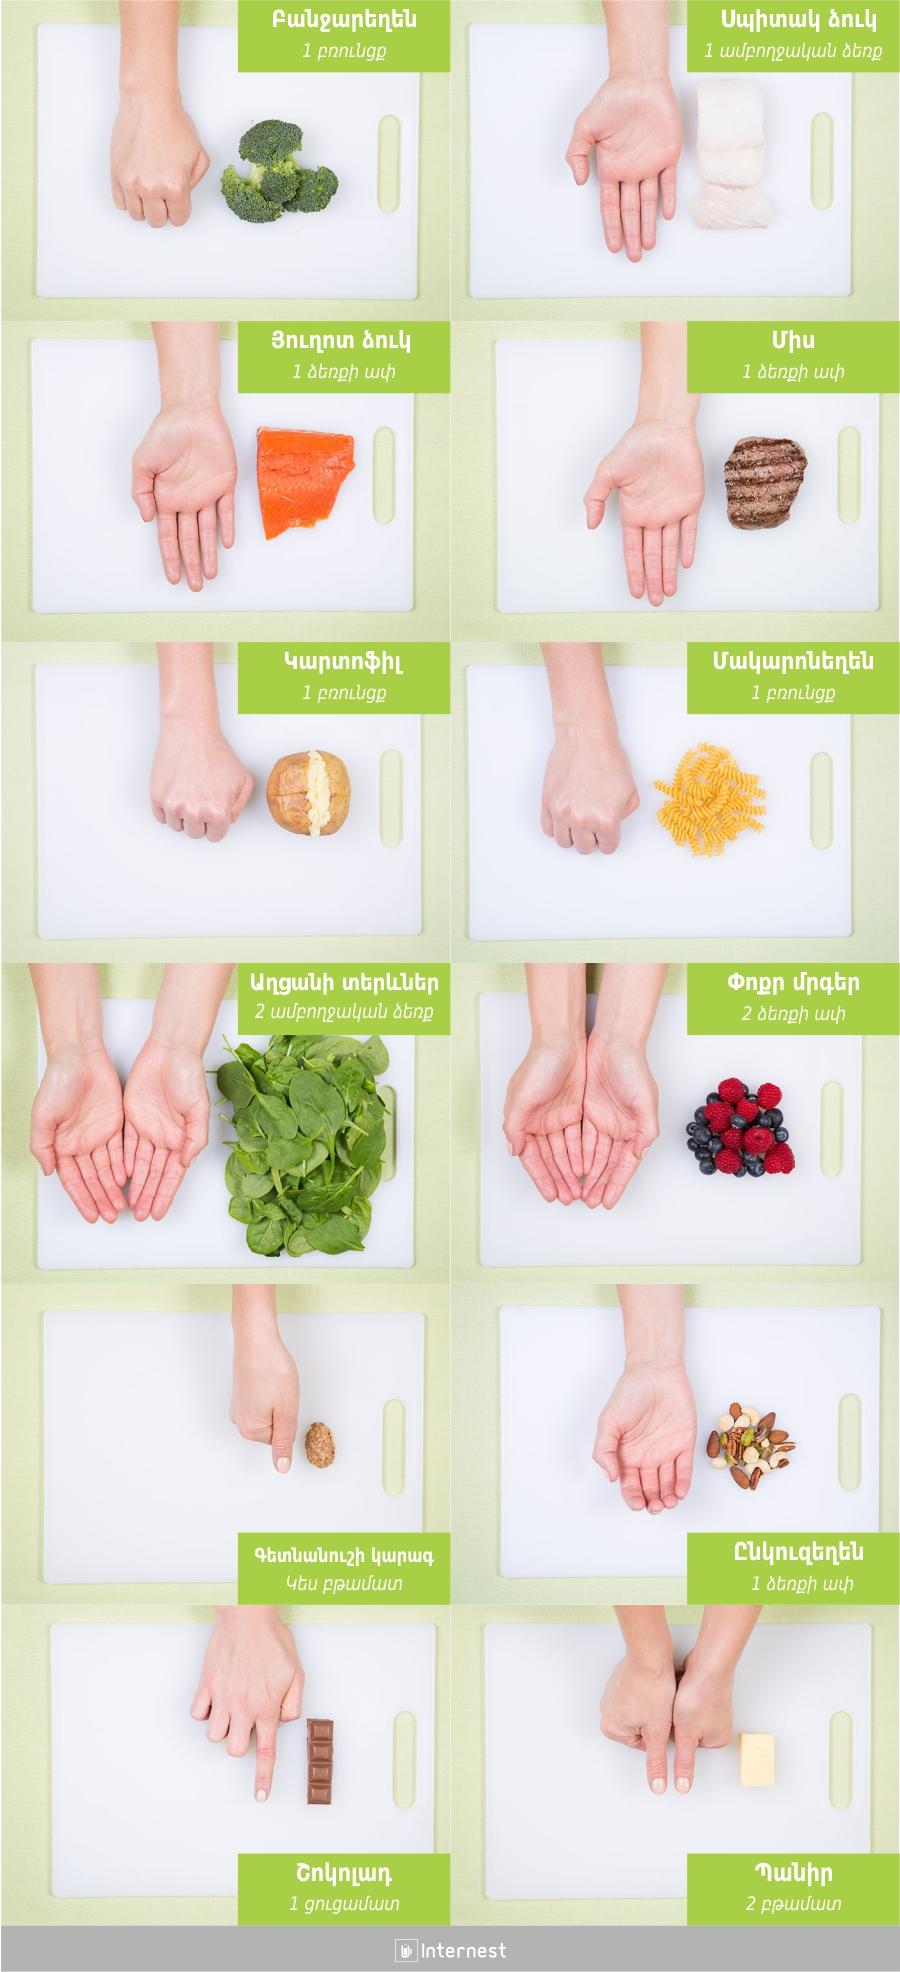 Սննդի չափաբաժինը ըստ ձեռքի չափերի